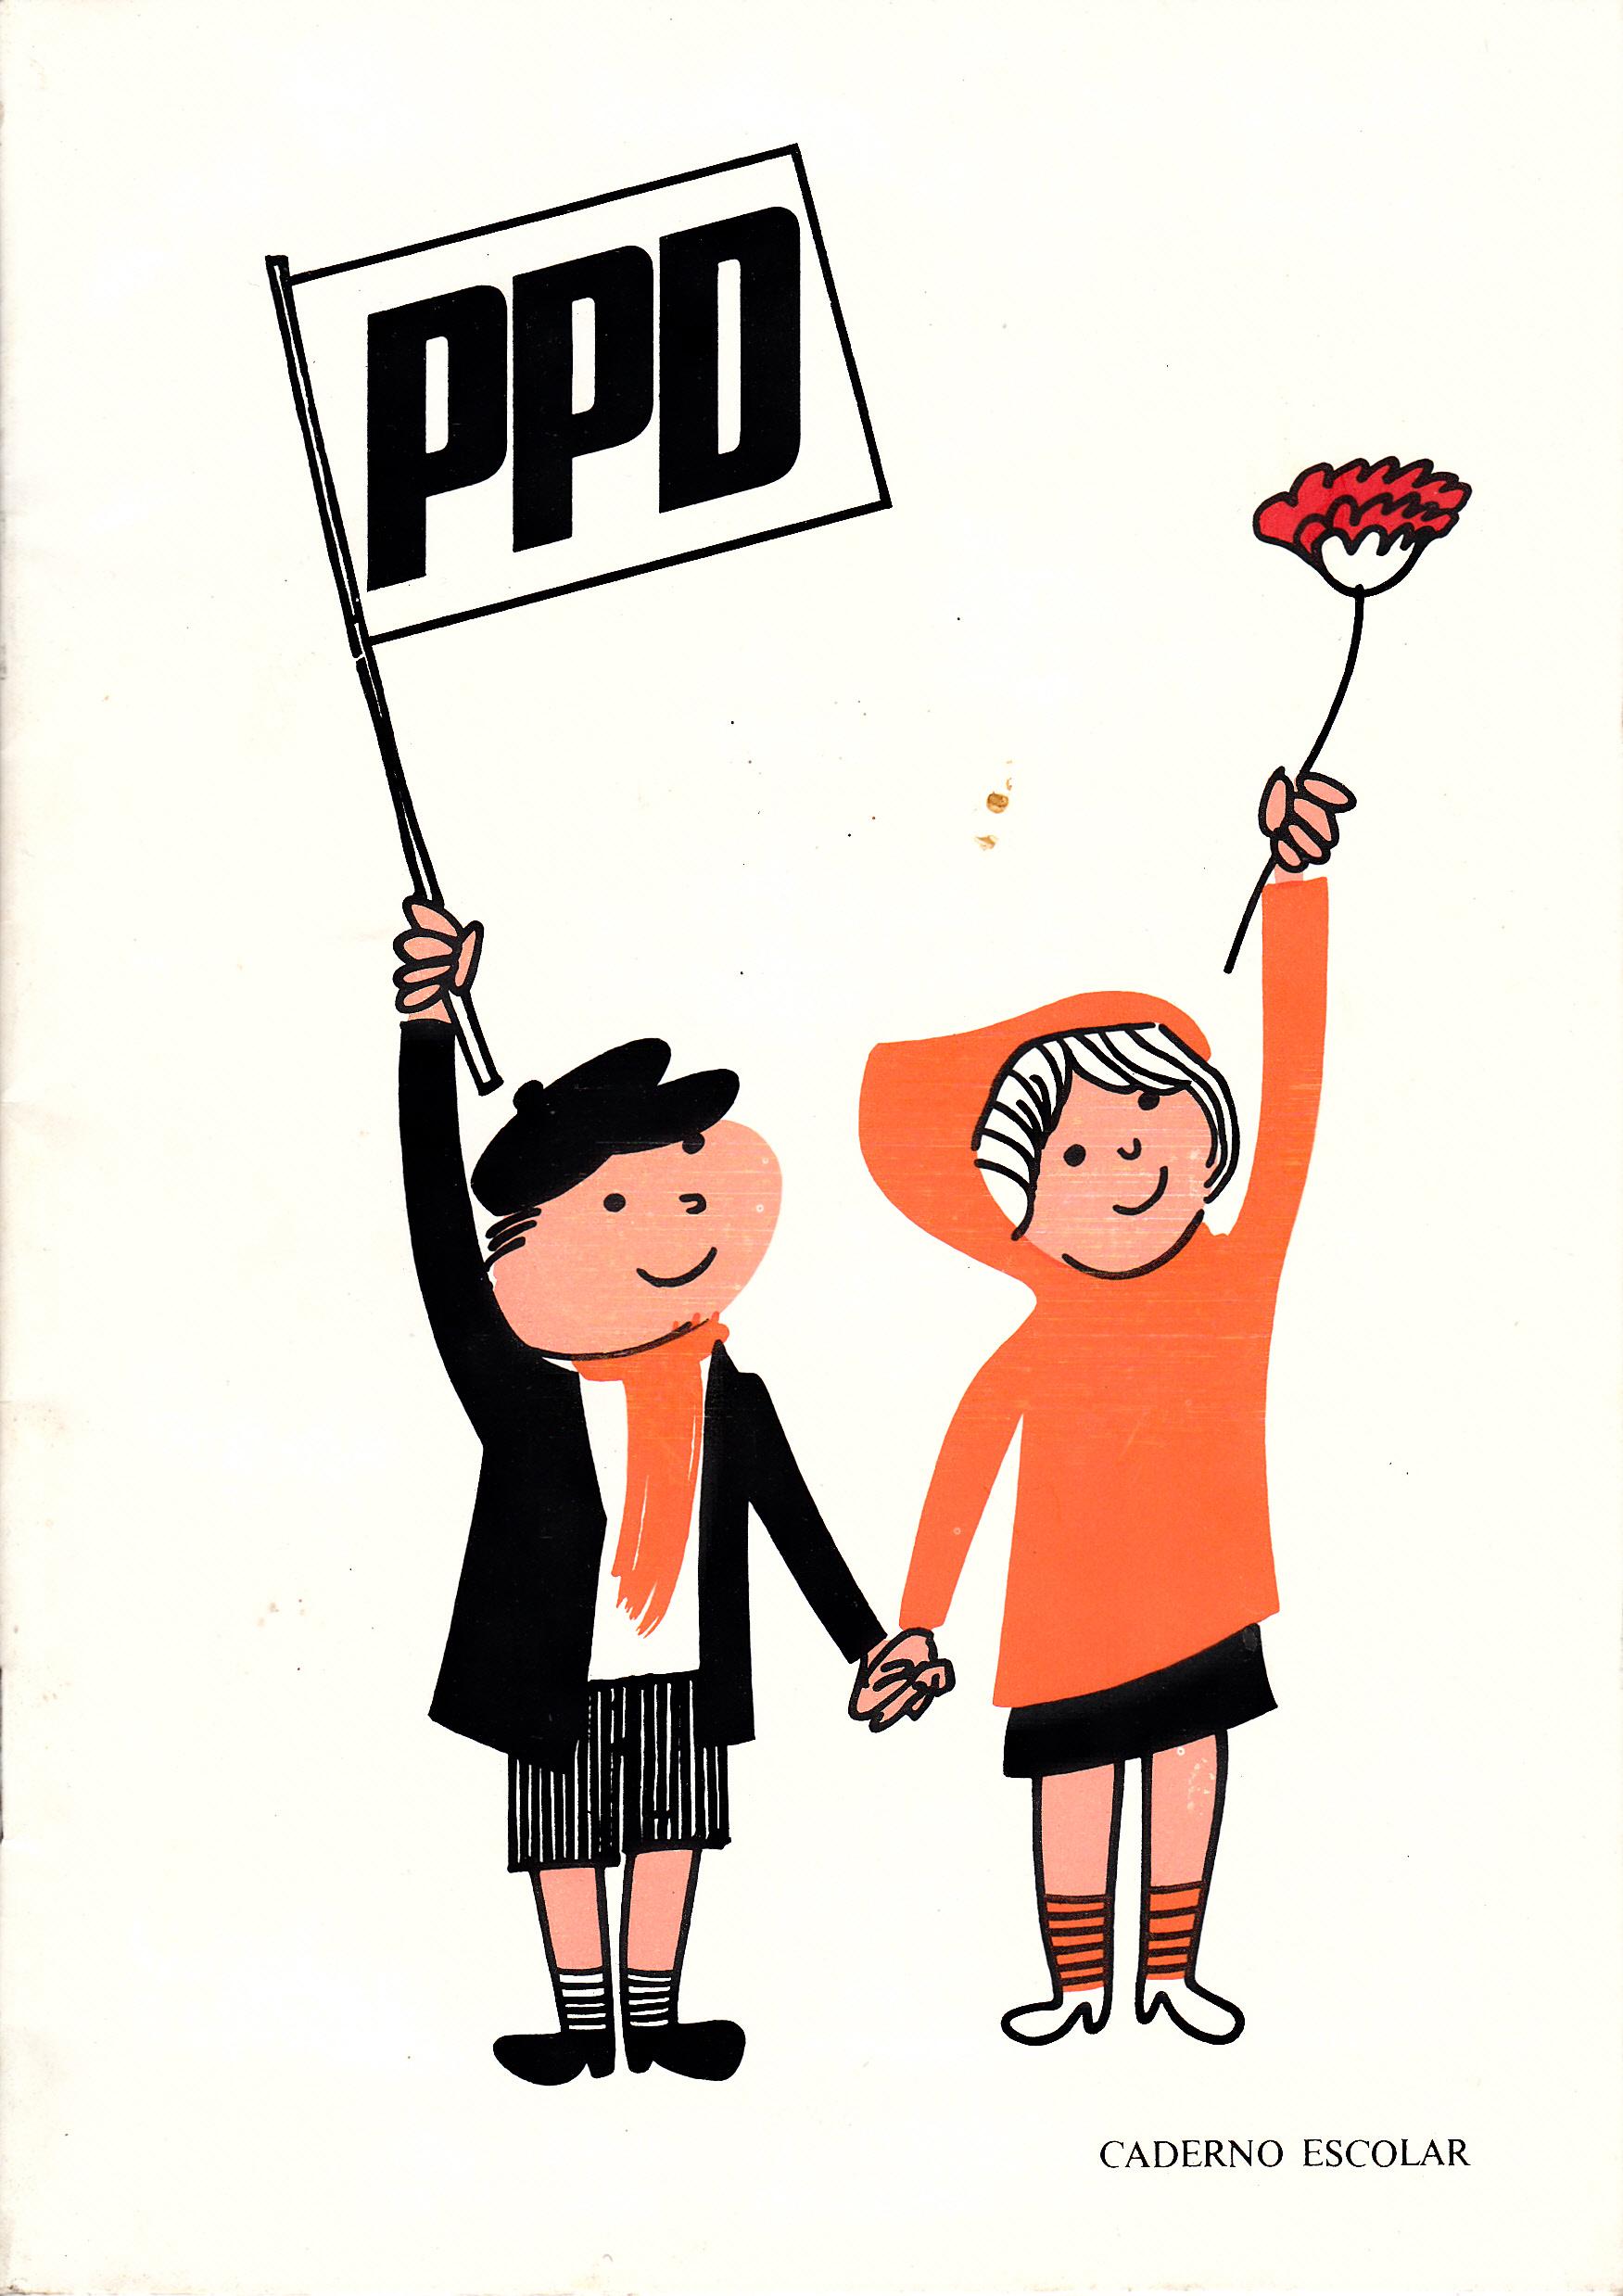 PPD_caderno